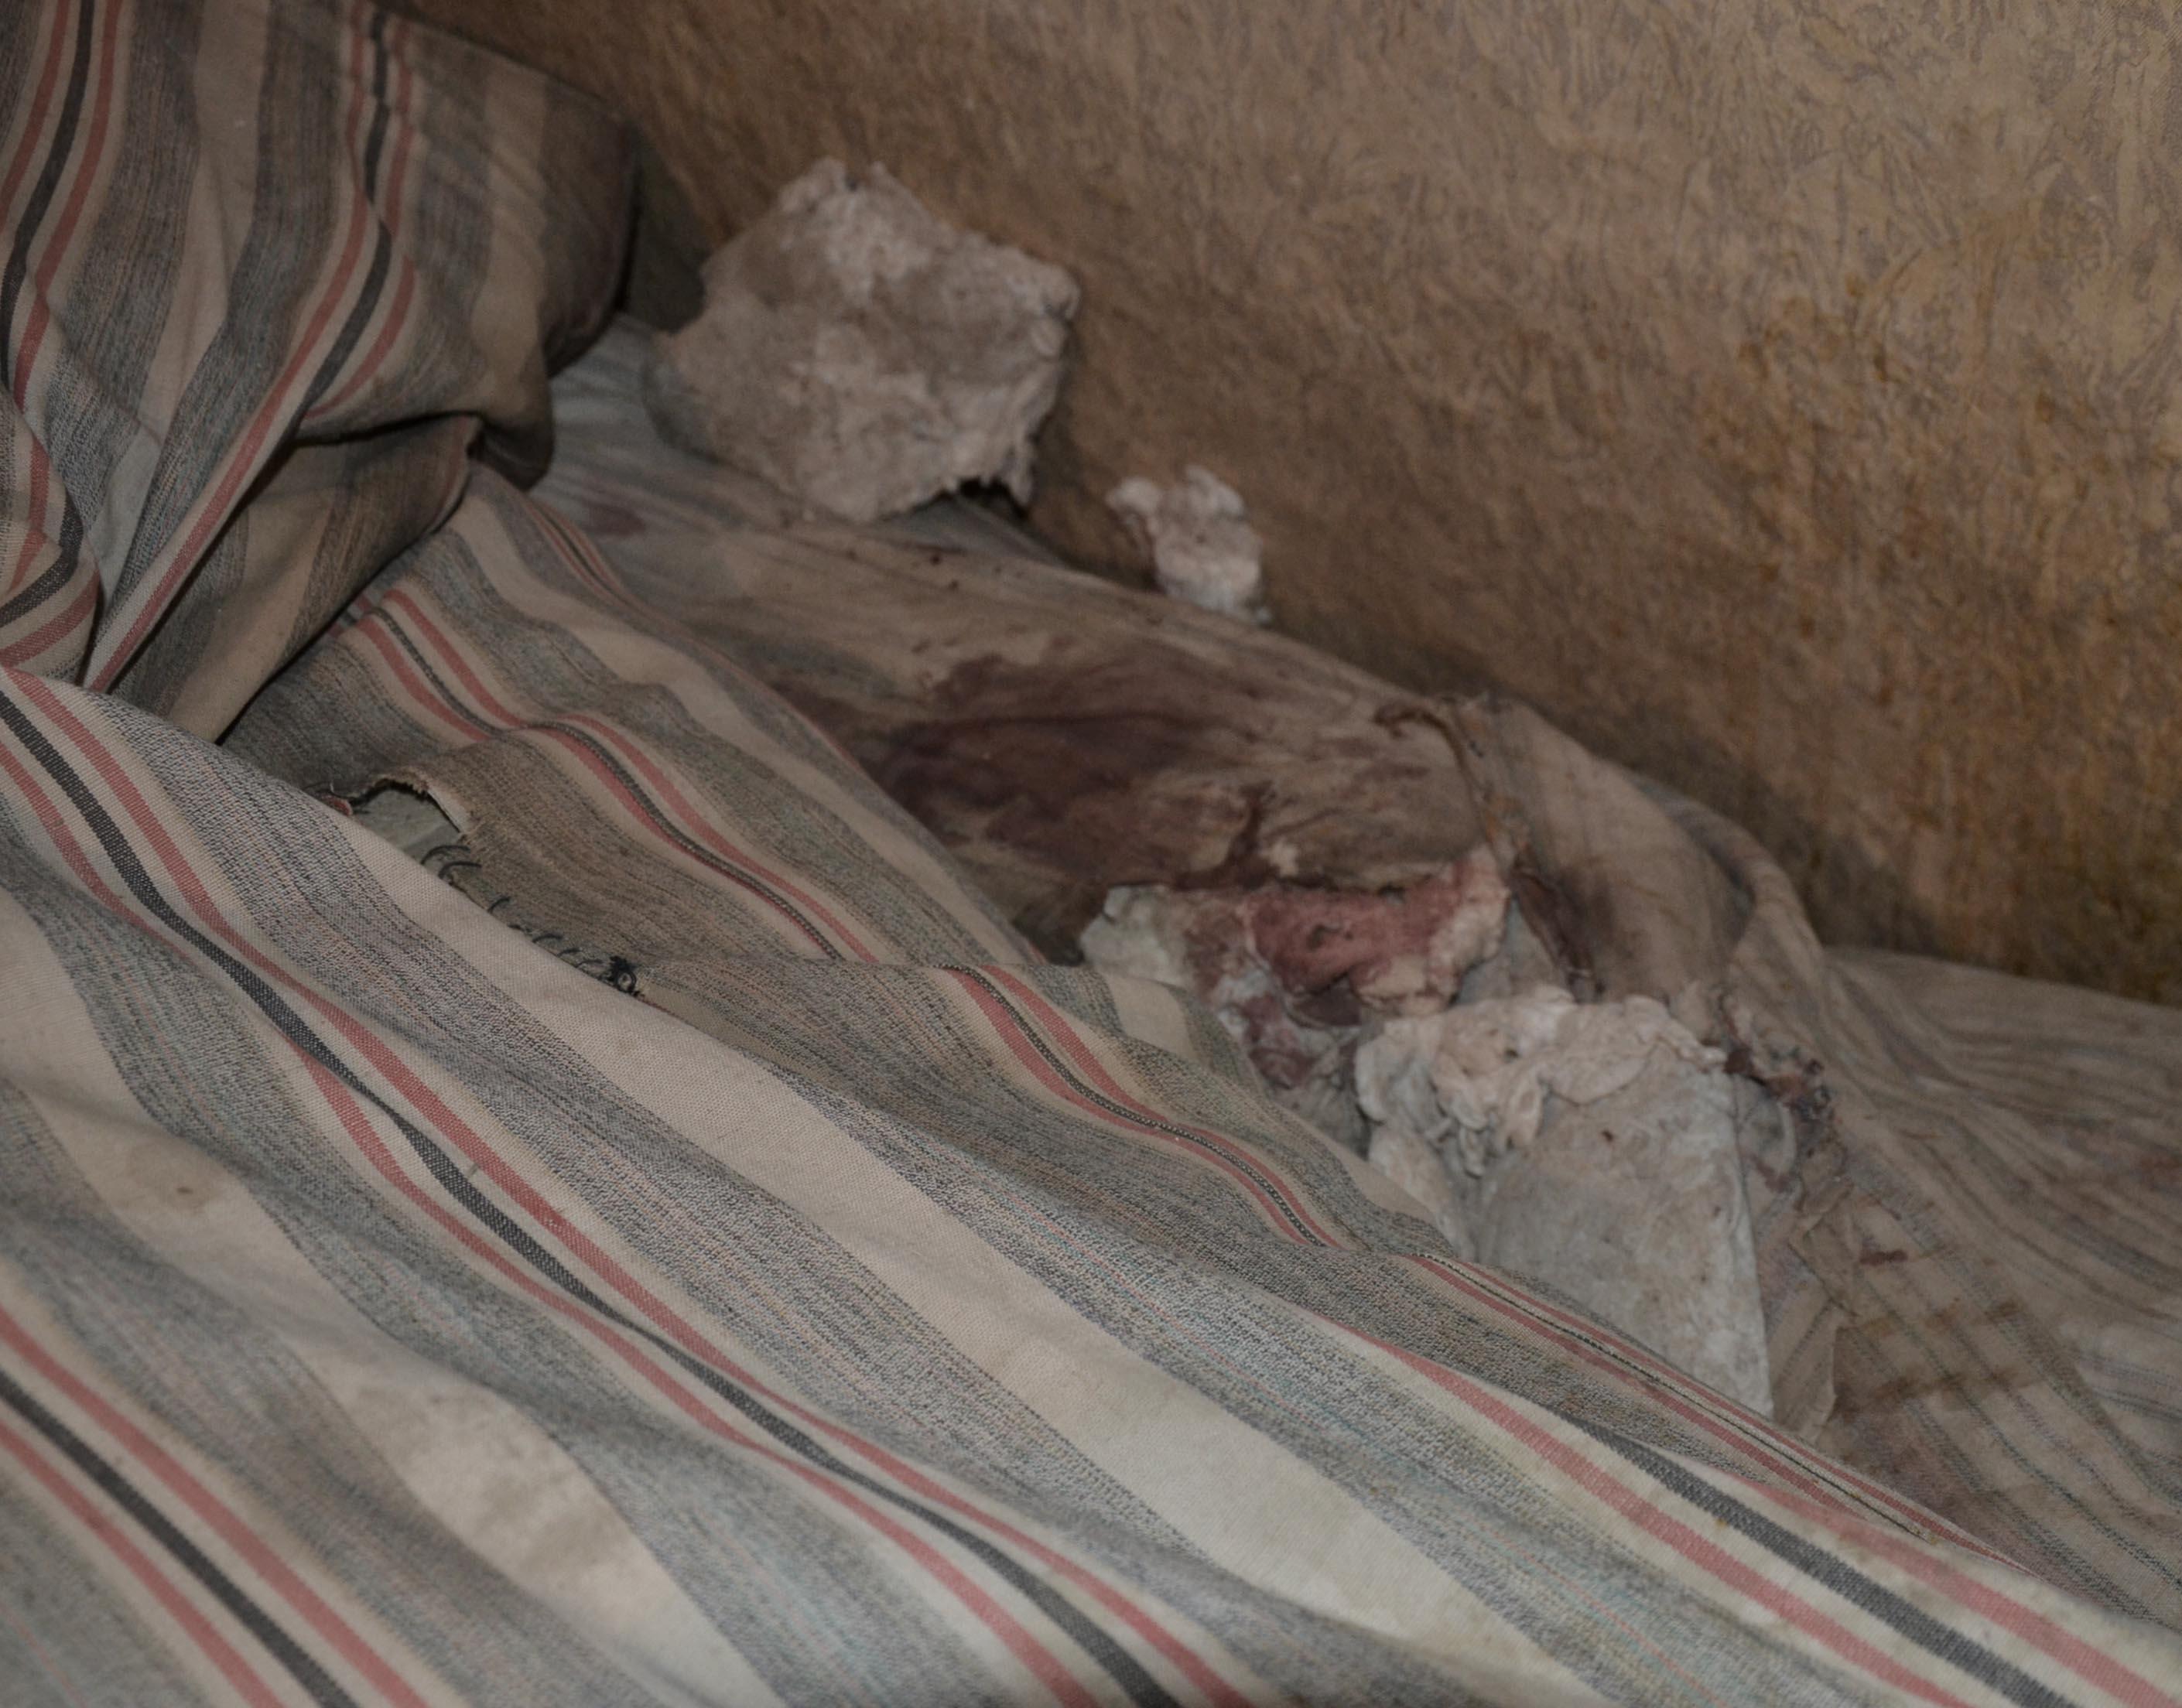 На Кіровоградщині двоє молодиків забили до смерті односельця. ФОТО 3 - Кримінал - Без Купюр